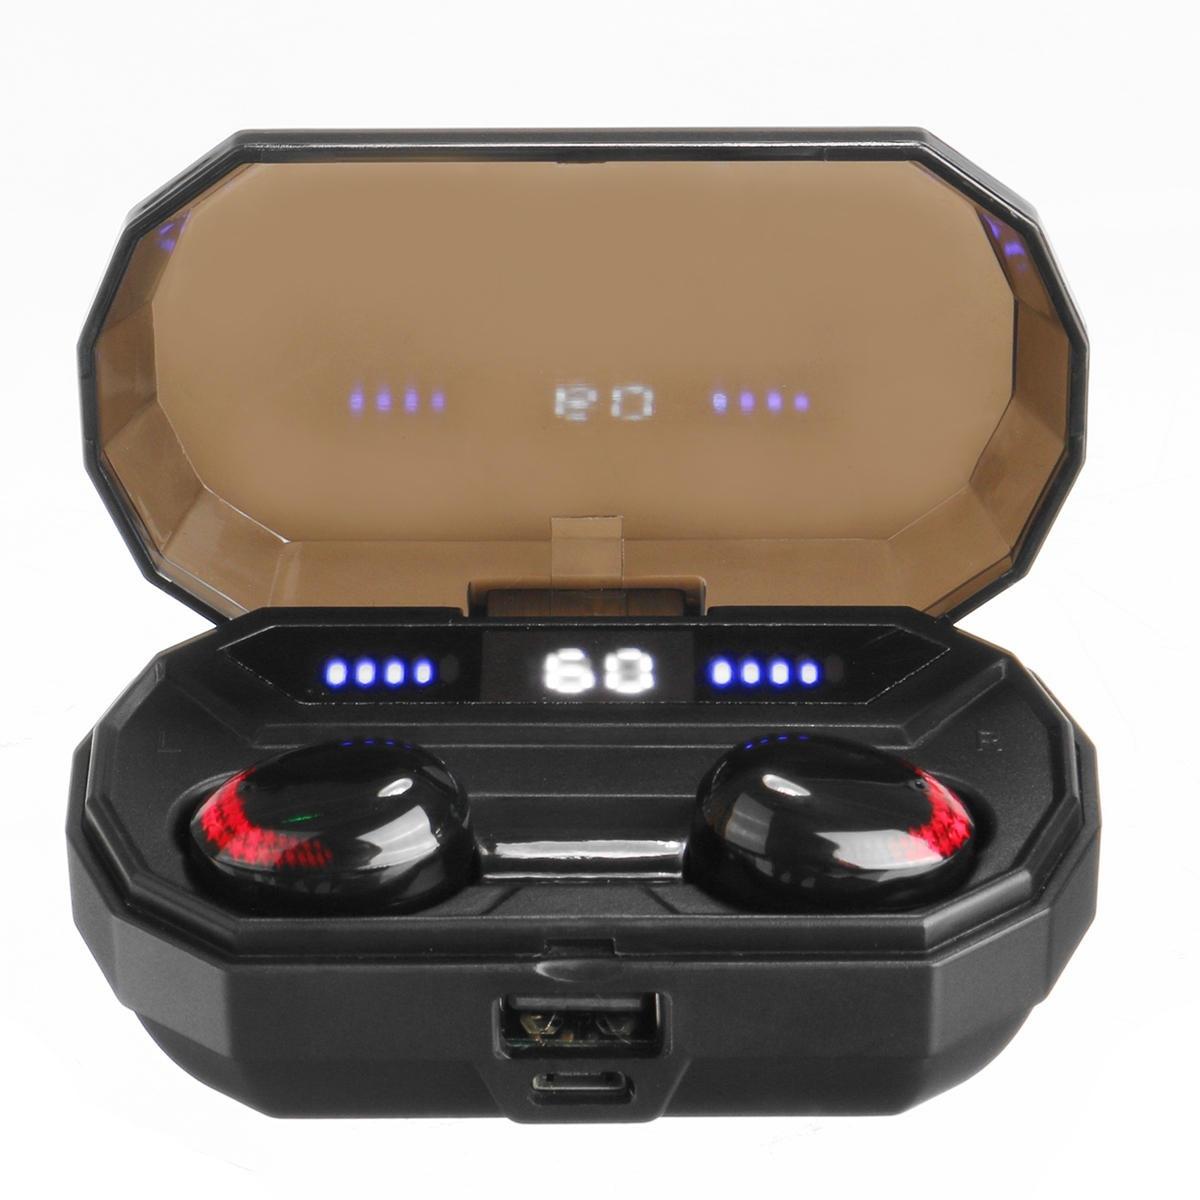 T10 TWS Trådlösa hörlurar bluetooth 5.0 hörlurar 9D stereo LED-display IPX7 vattentät hörlurar med mikrofon